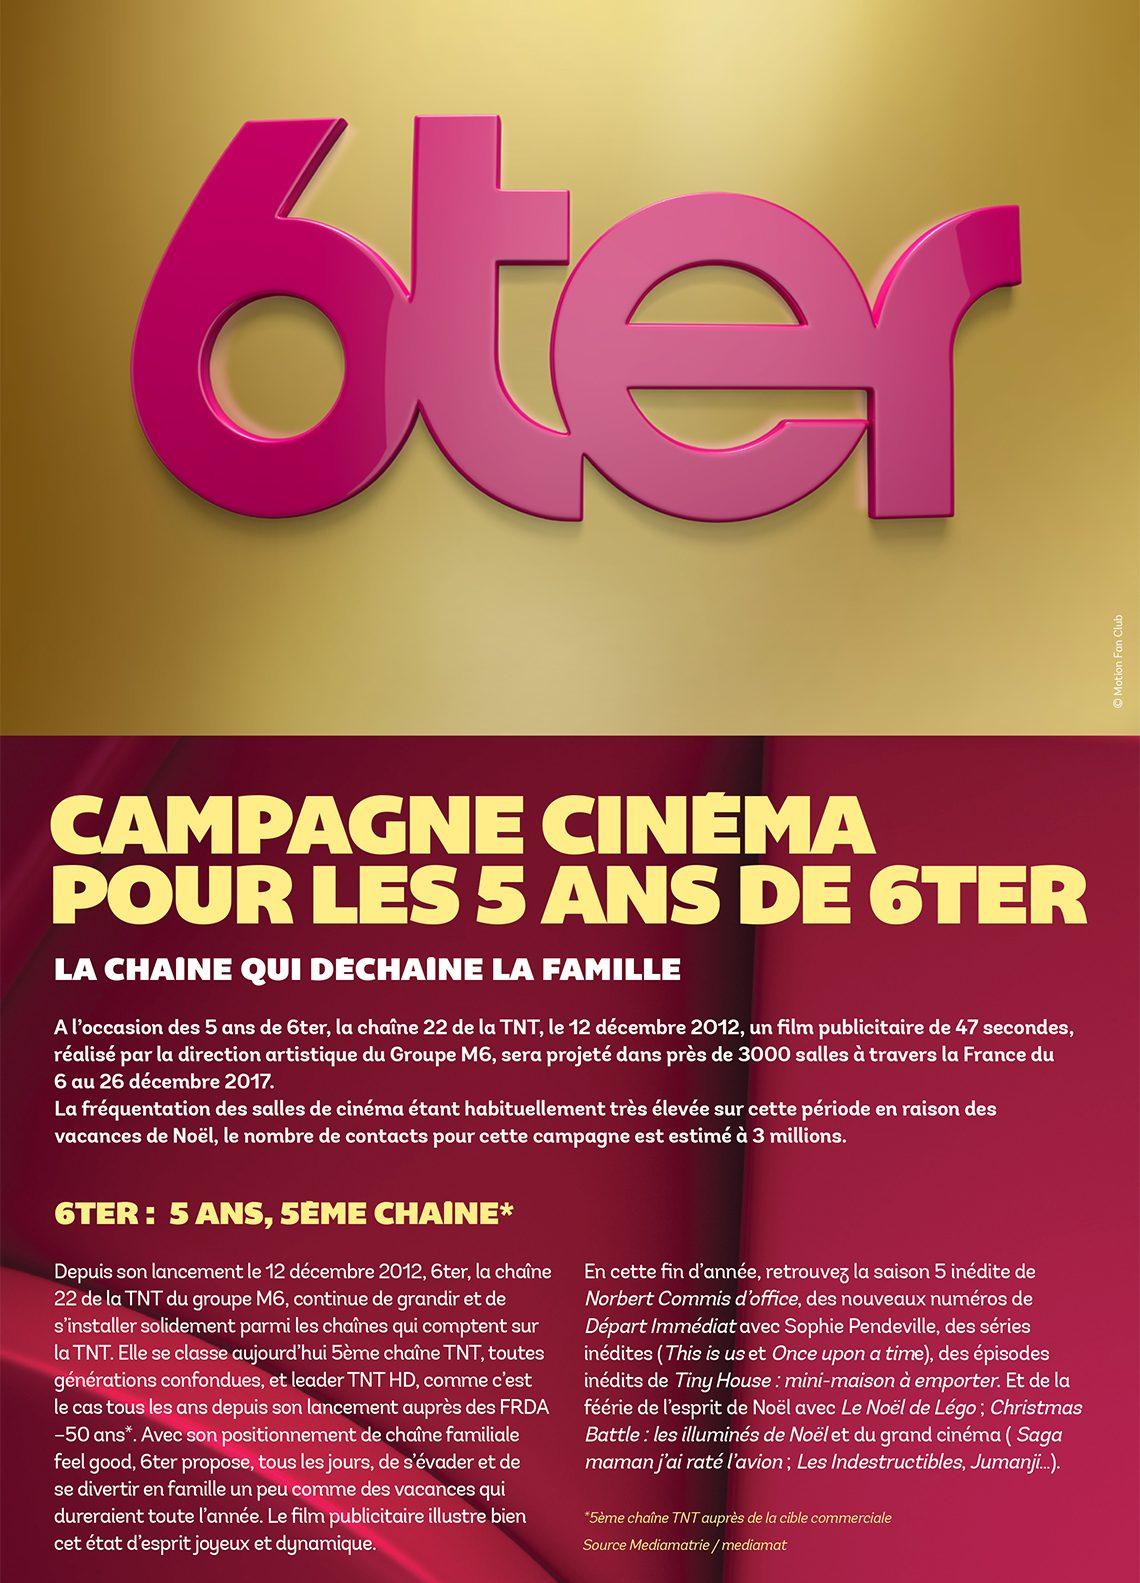 Campagne cinéma pour les 5 ans de 6ter 55367447d6f